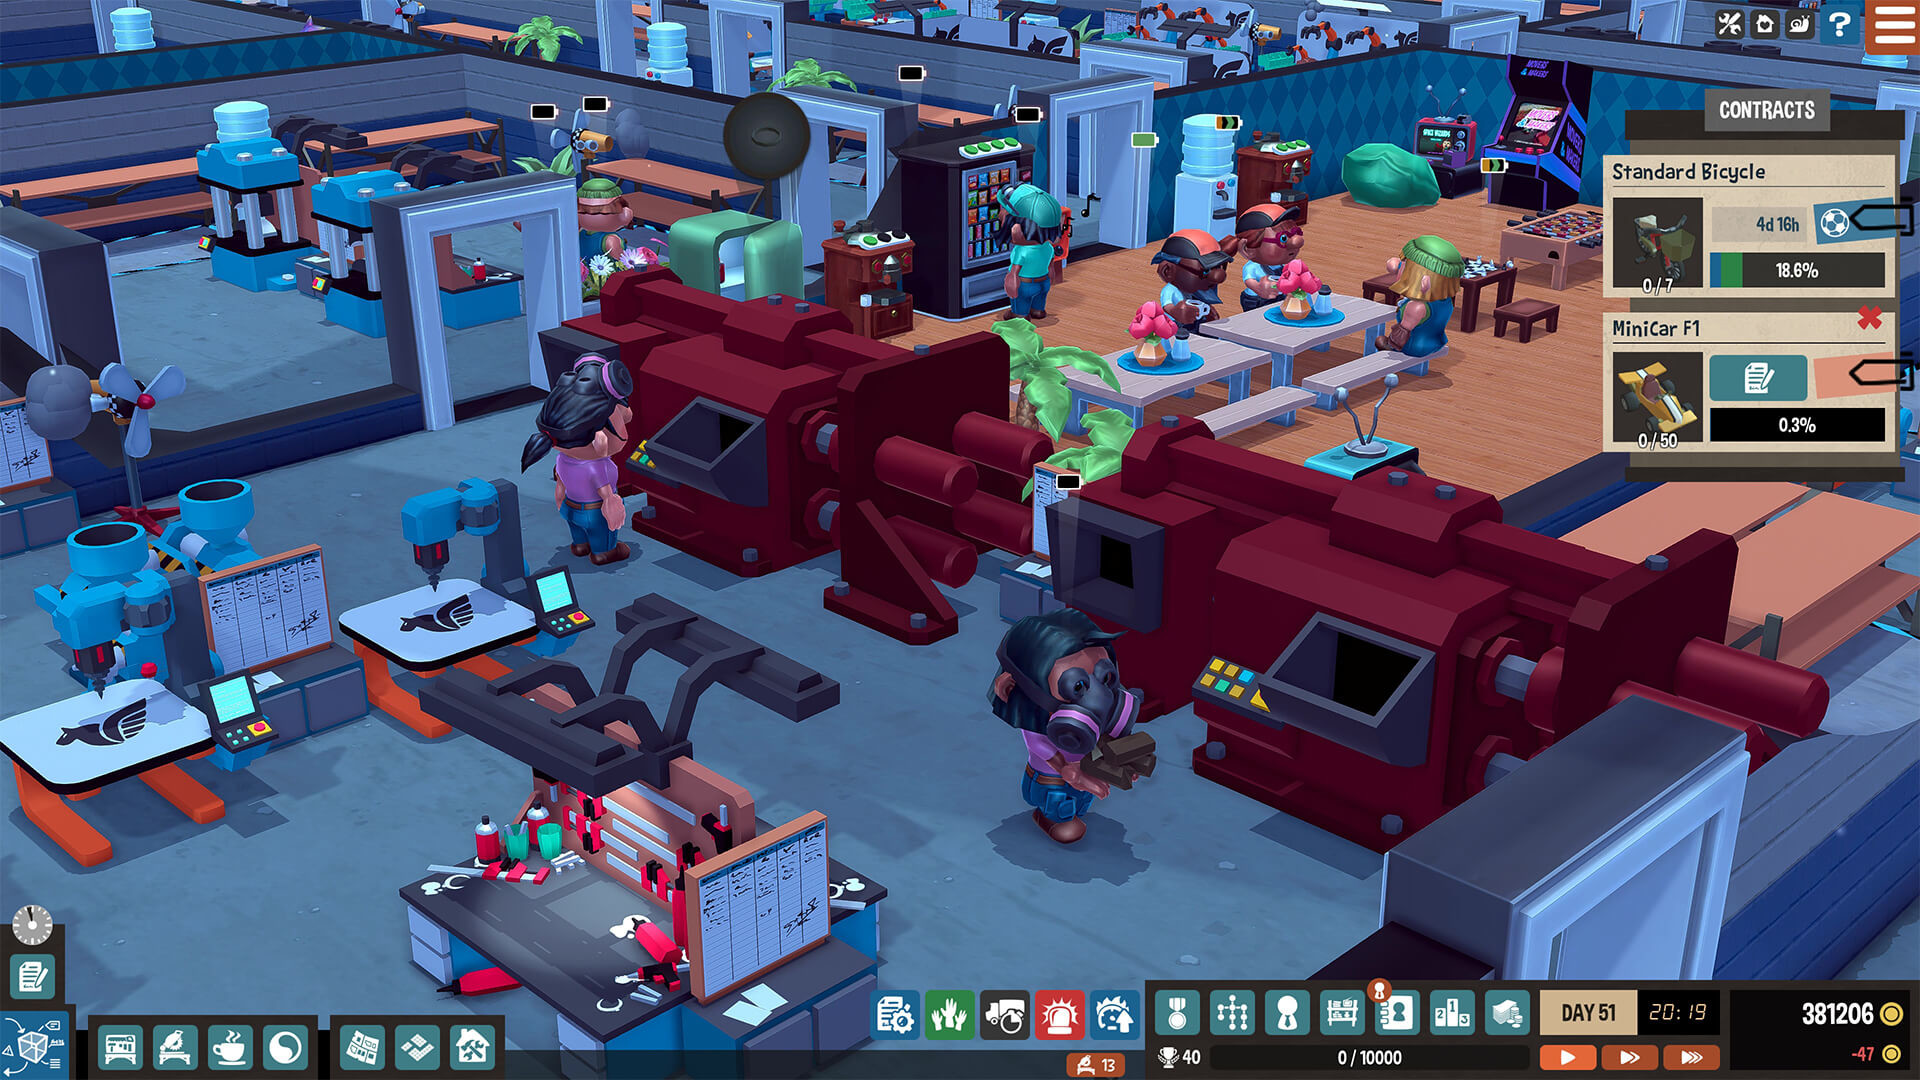 小小大工坊 Little Big Workshop Mac 破解版 乐高风格的模拟经营游戏